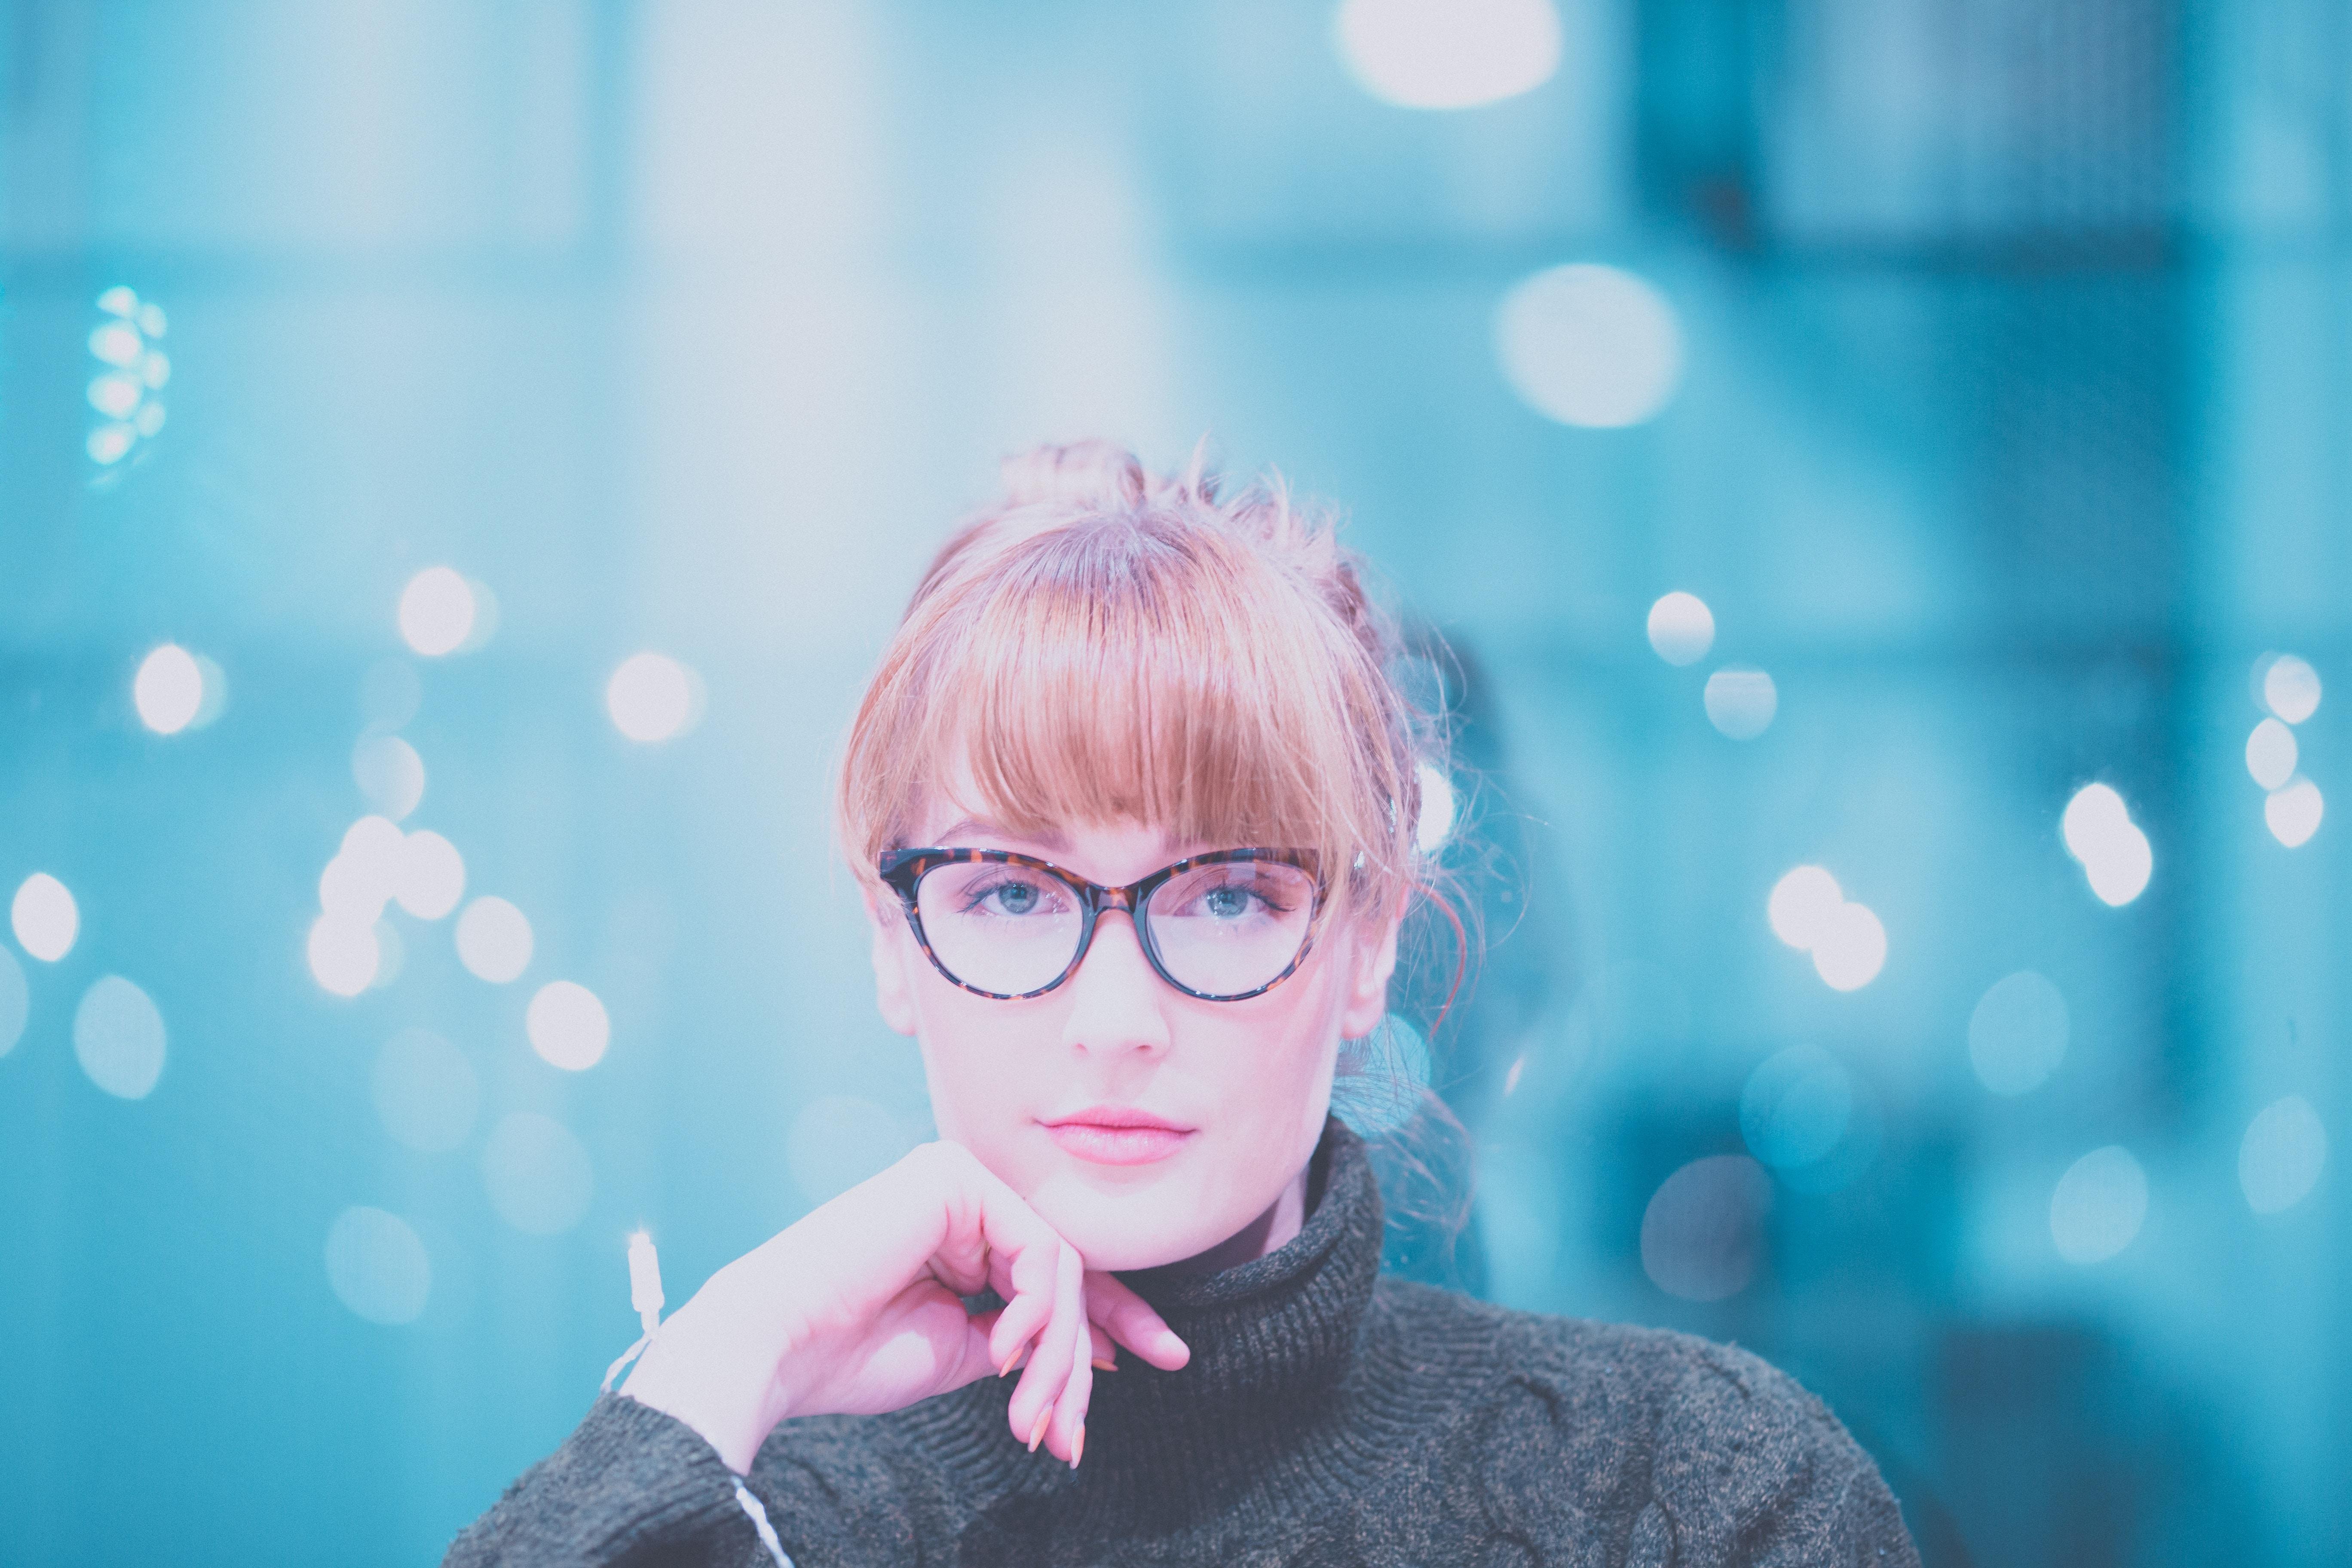 wearing-eye-glasses.jpg